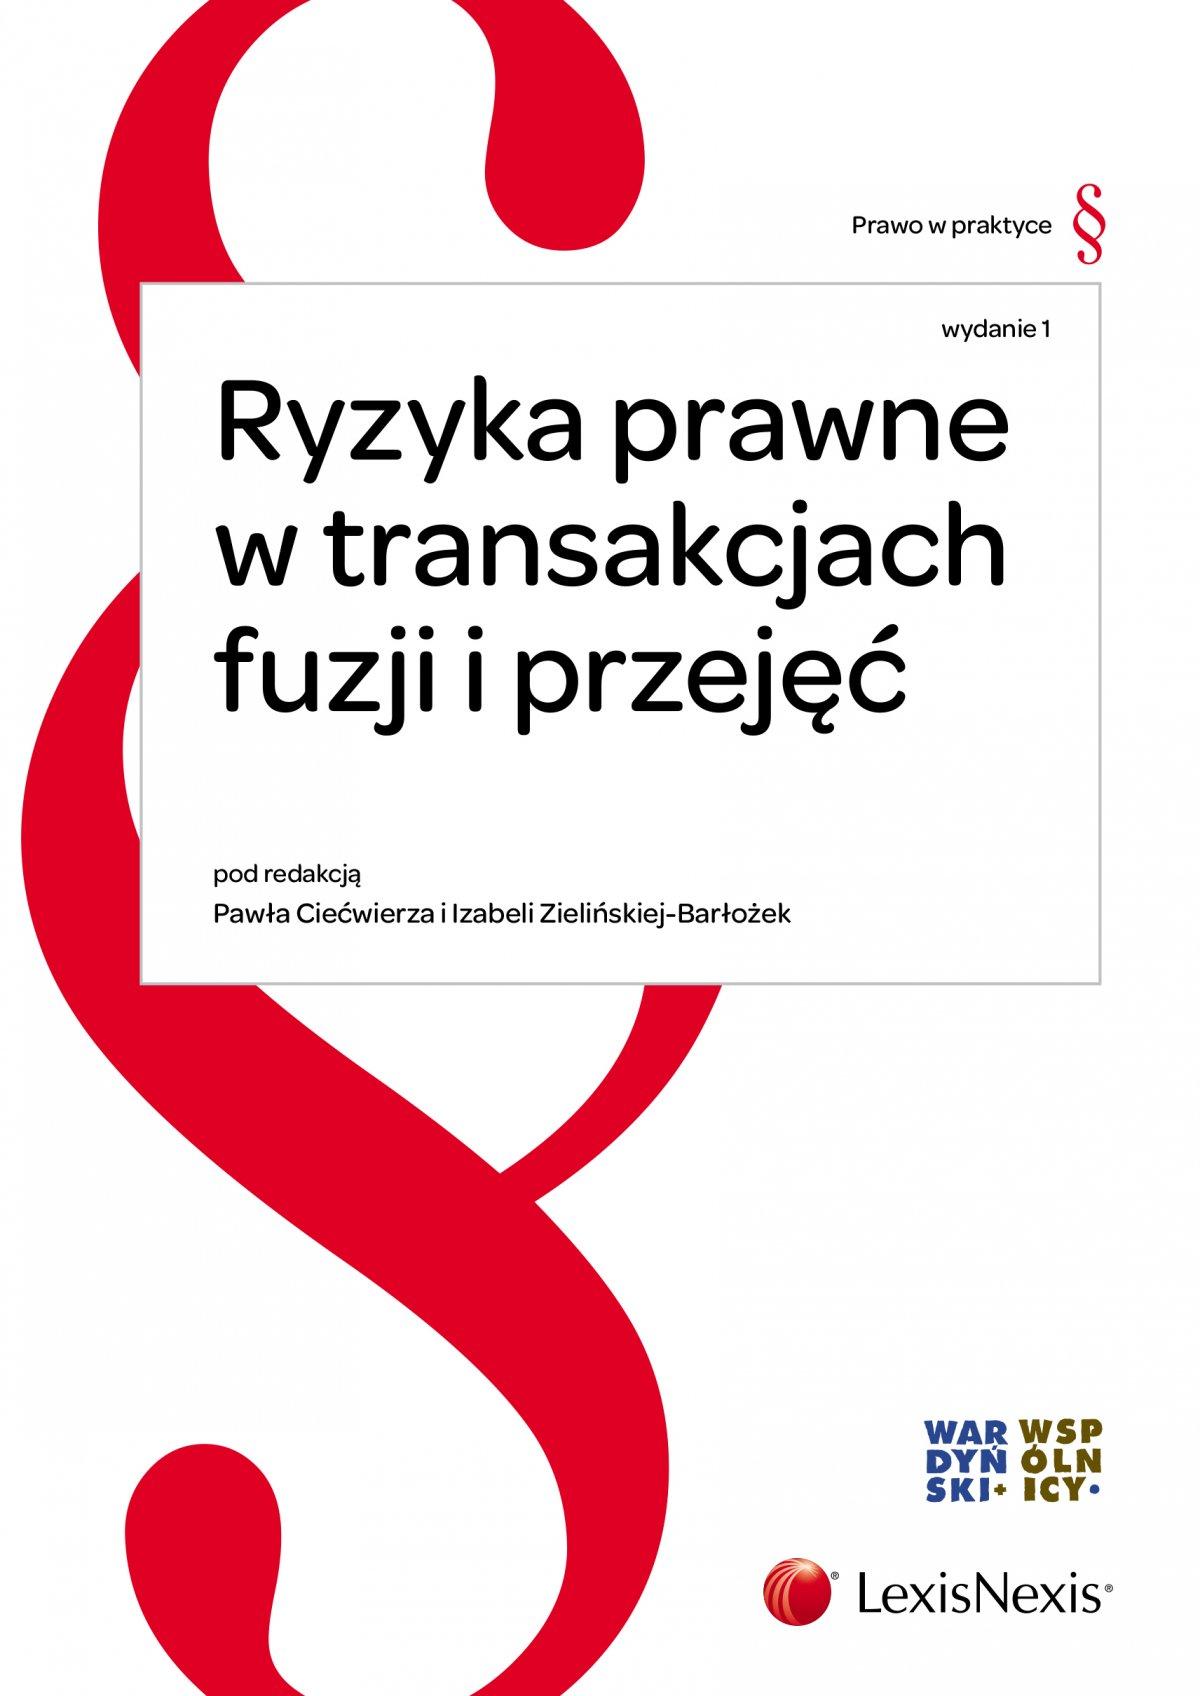 Ryzyka prawne w transakcjach fuzji i przejęć - Ebook (Książka EPUB) do pobrania w formacie EPUB